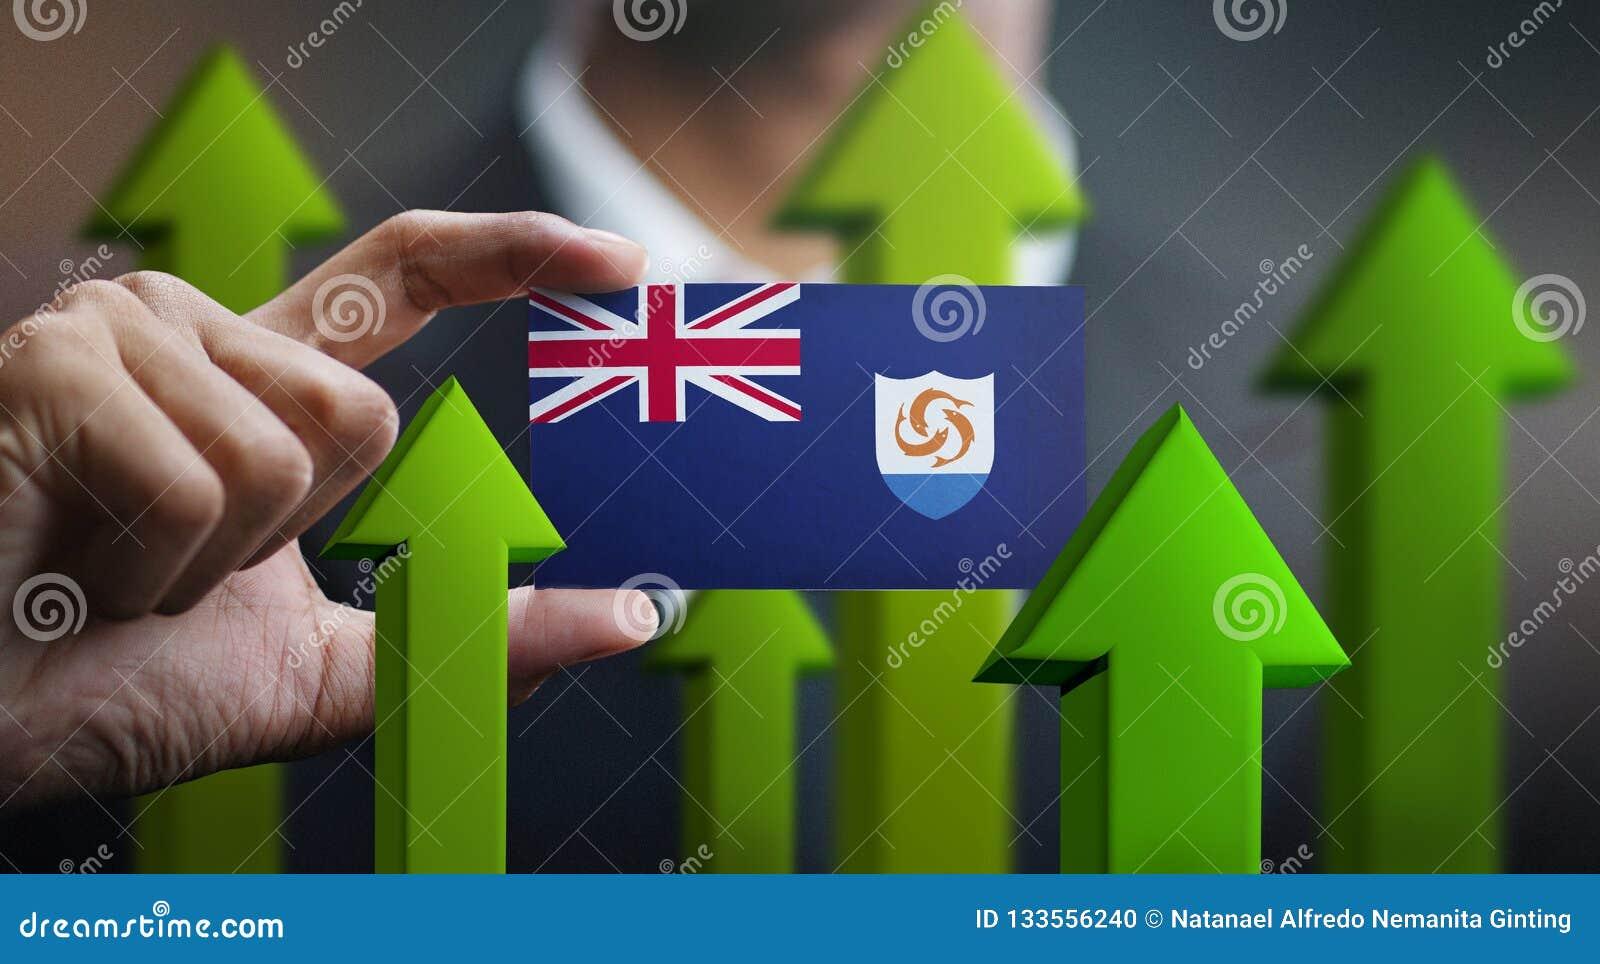 El concepto del crecimiento de la nación, se pone verde encima de las flechas - hombre de negocios Holding Car